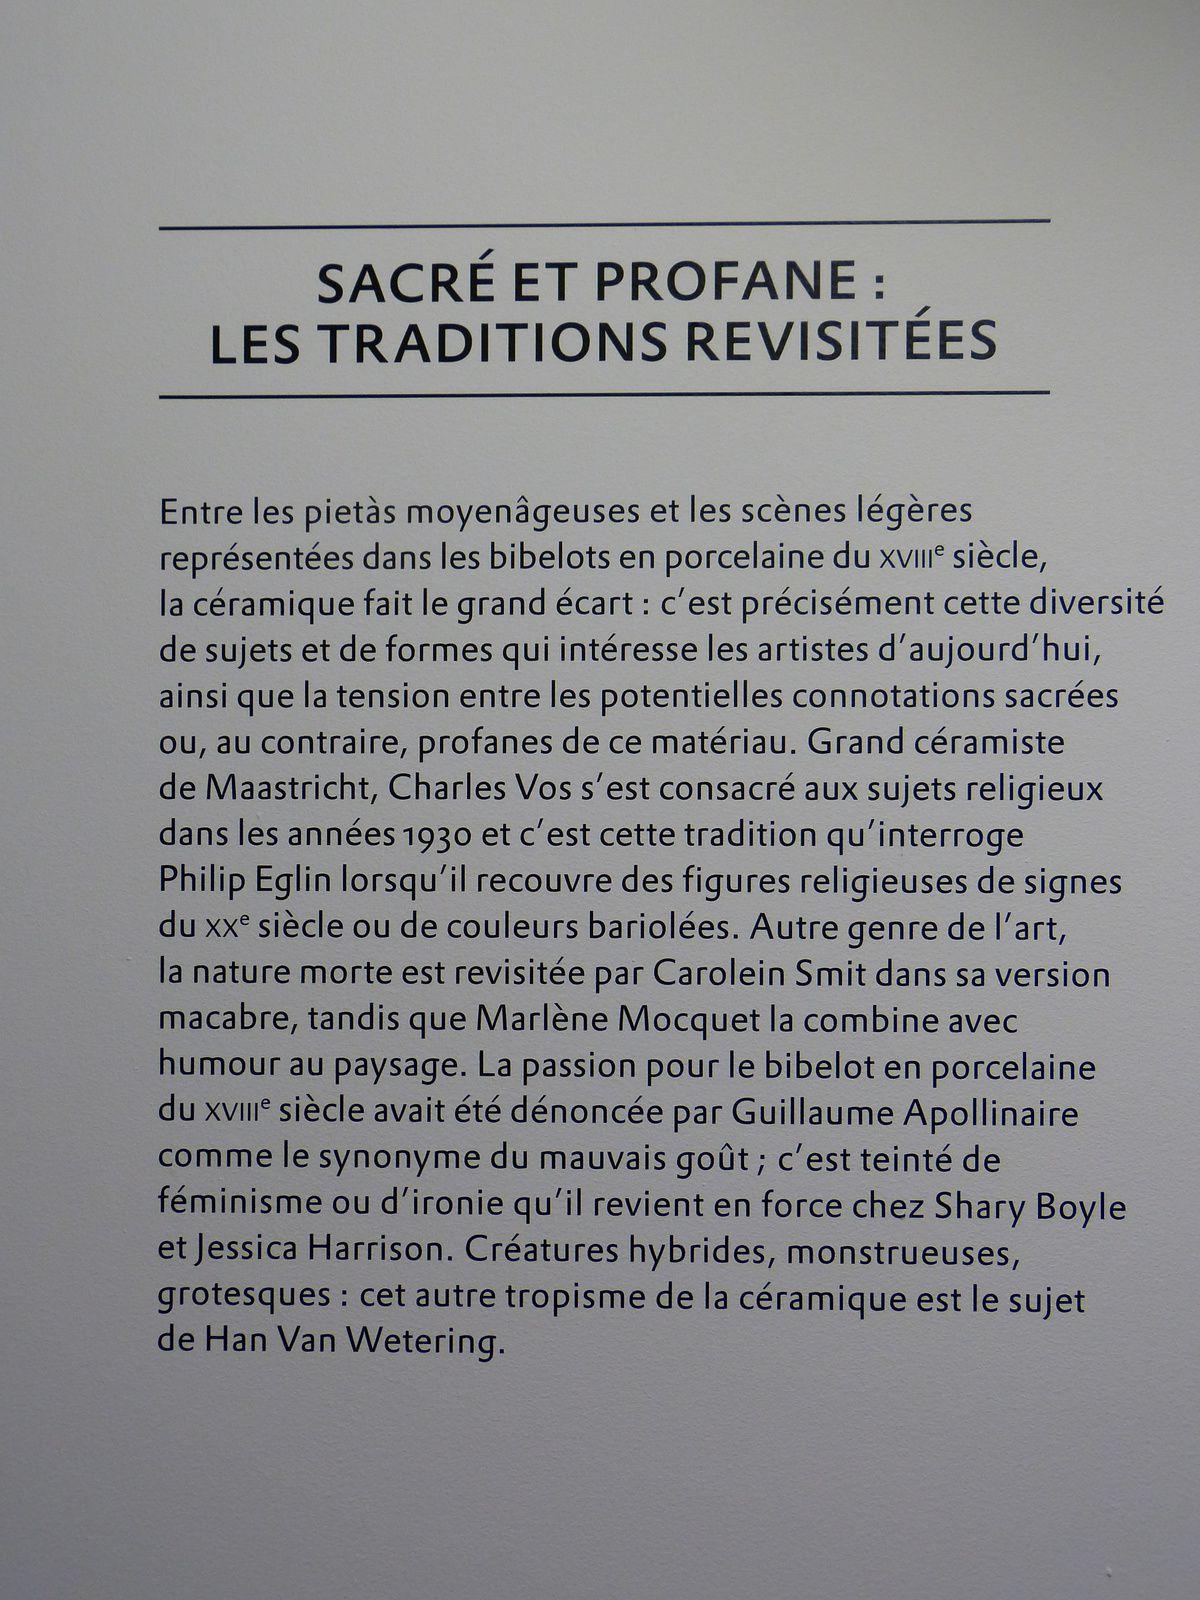 extraordinaire exposition d'oeuvres céramiques à La Maison Rouge ( Paris 12) ou se cotoient, couleurs, matières, humour et imaginaire....